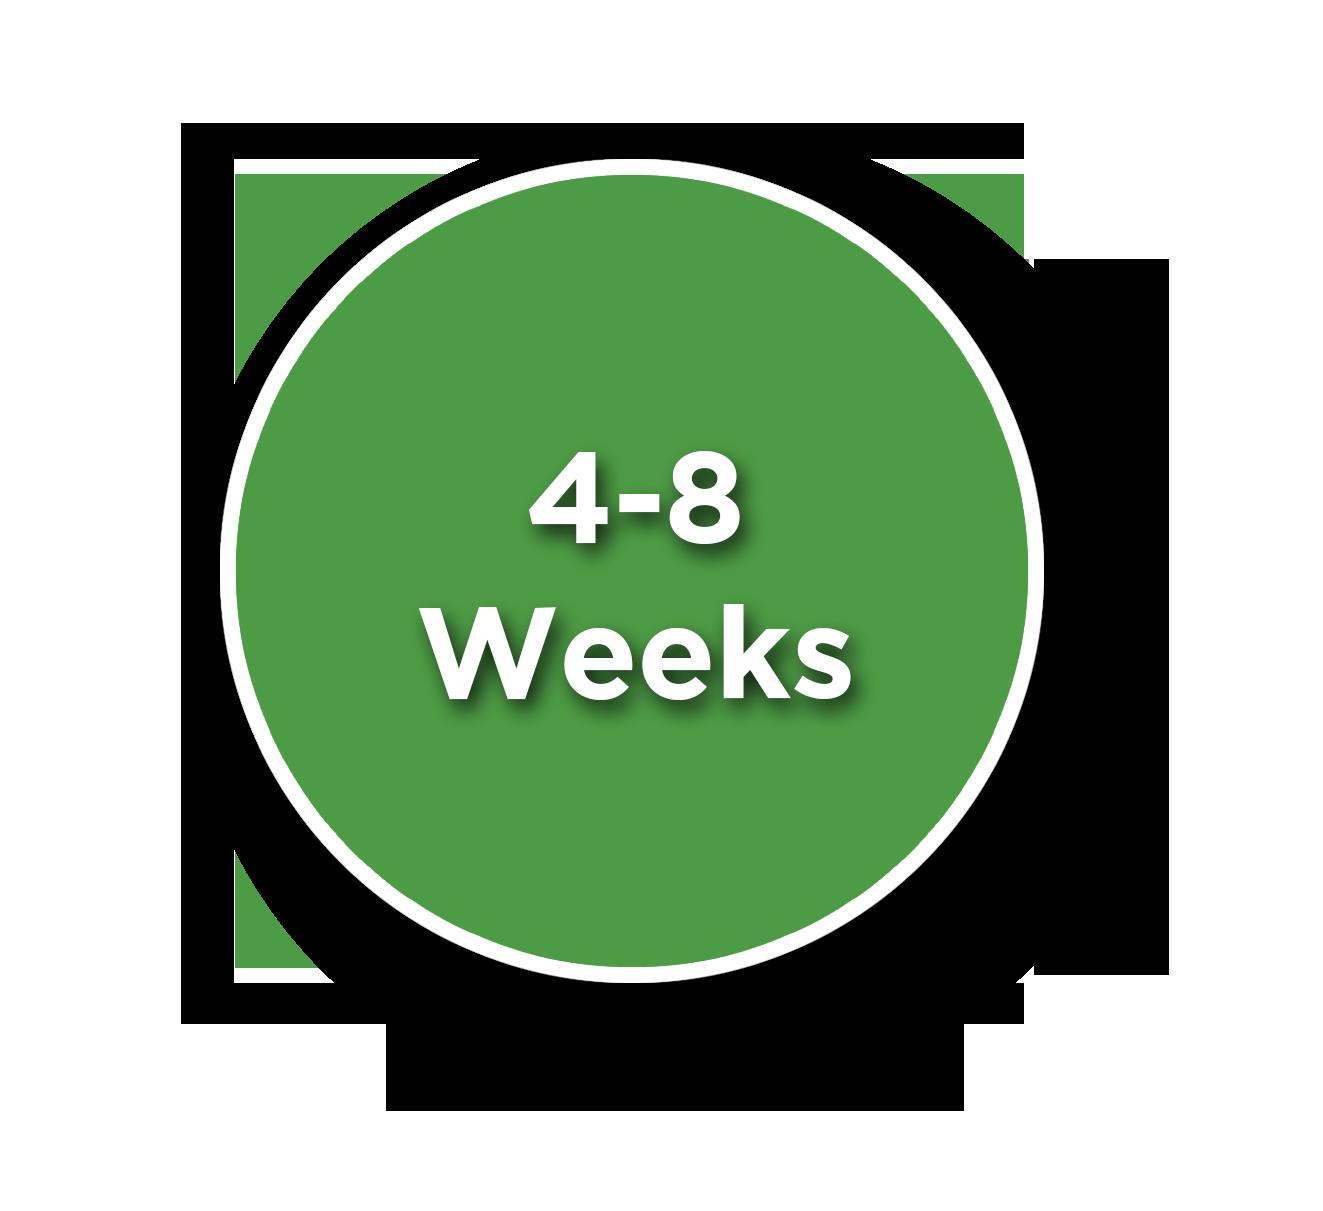 4-8 Weeks.png